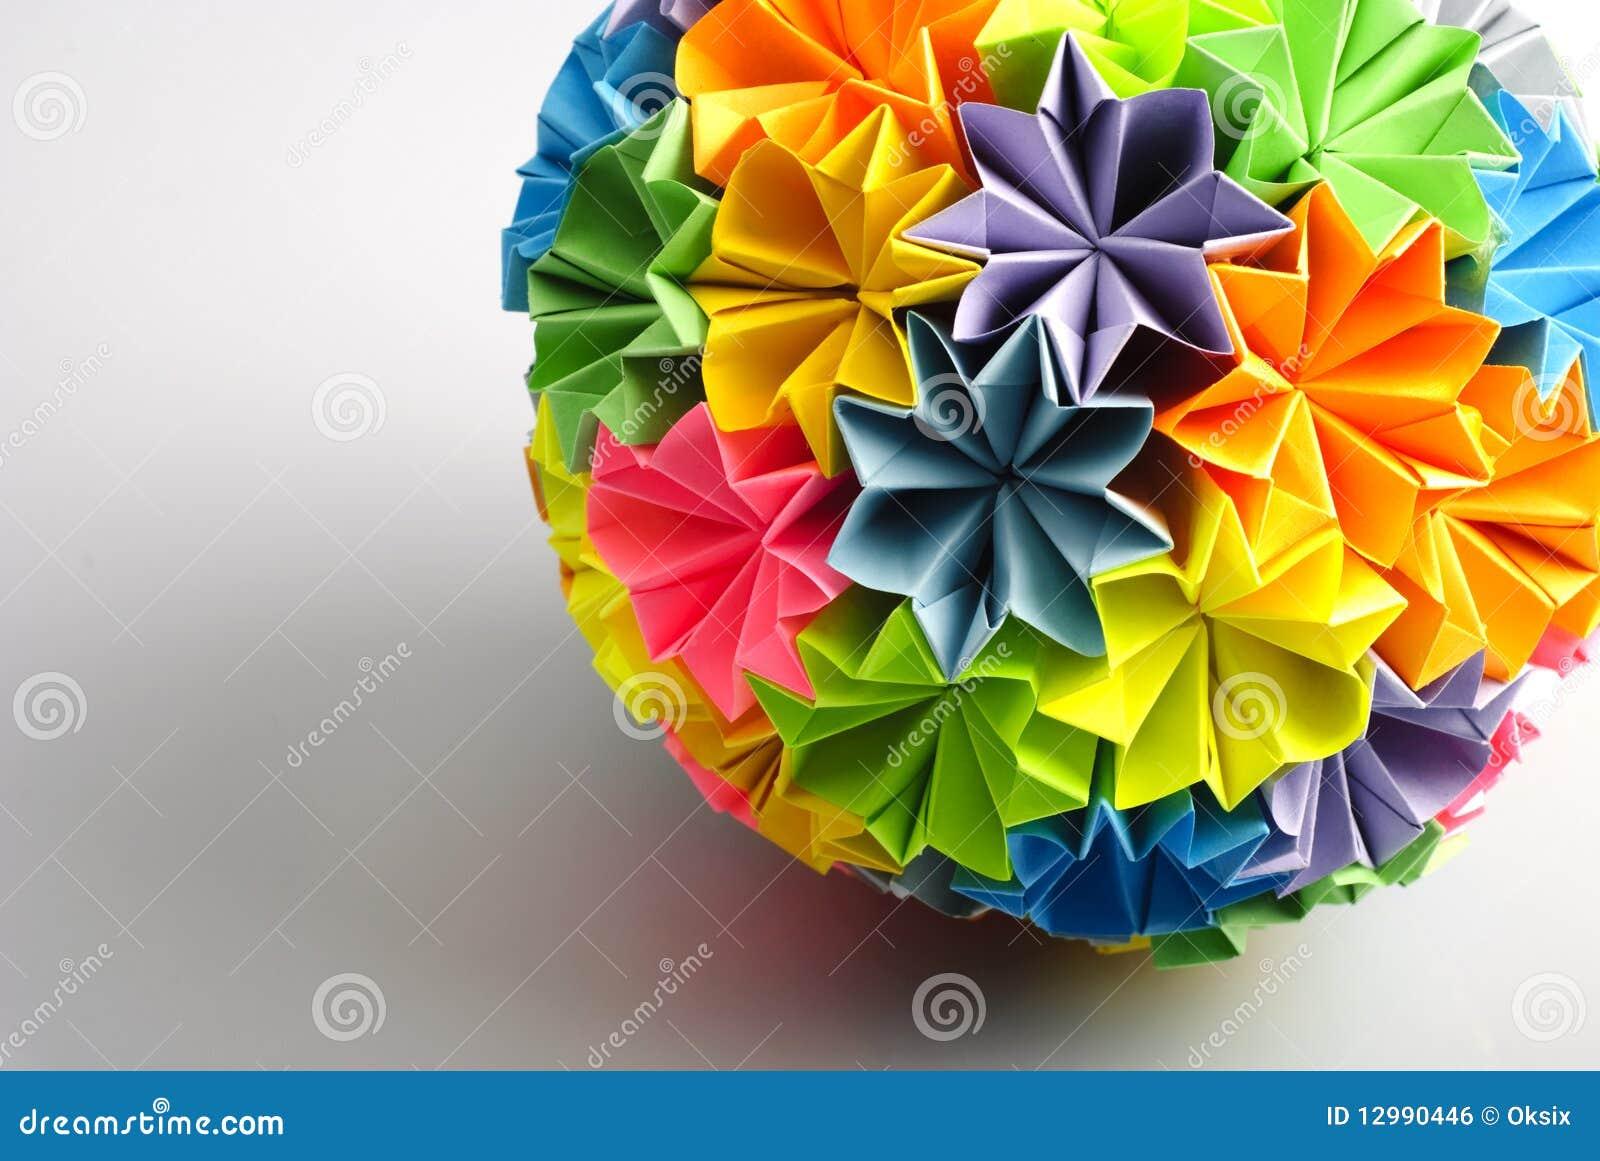 Origami kusudama rainbow stock photo image of oriental 12990446 origami kusudama rainbow jeuxipadfo Gallery